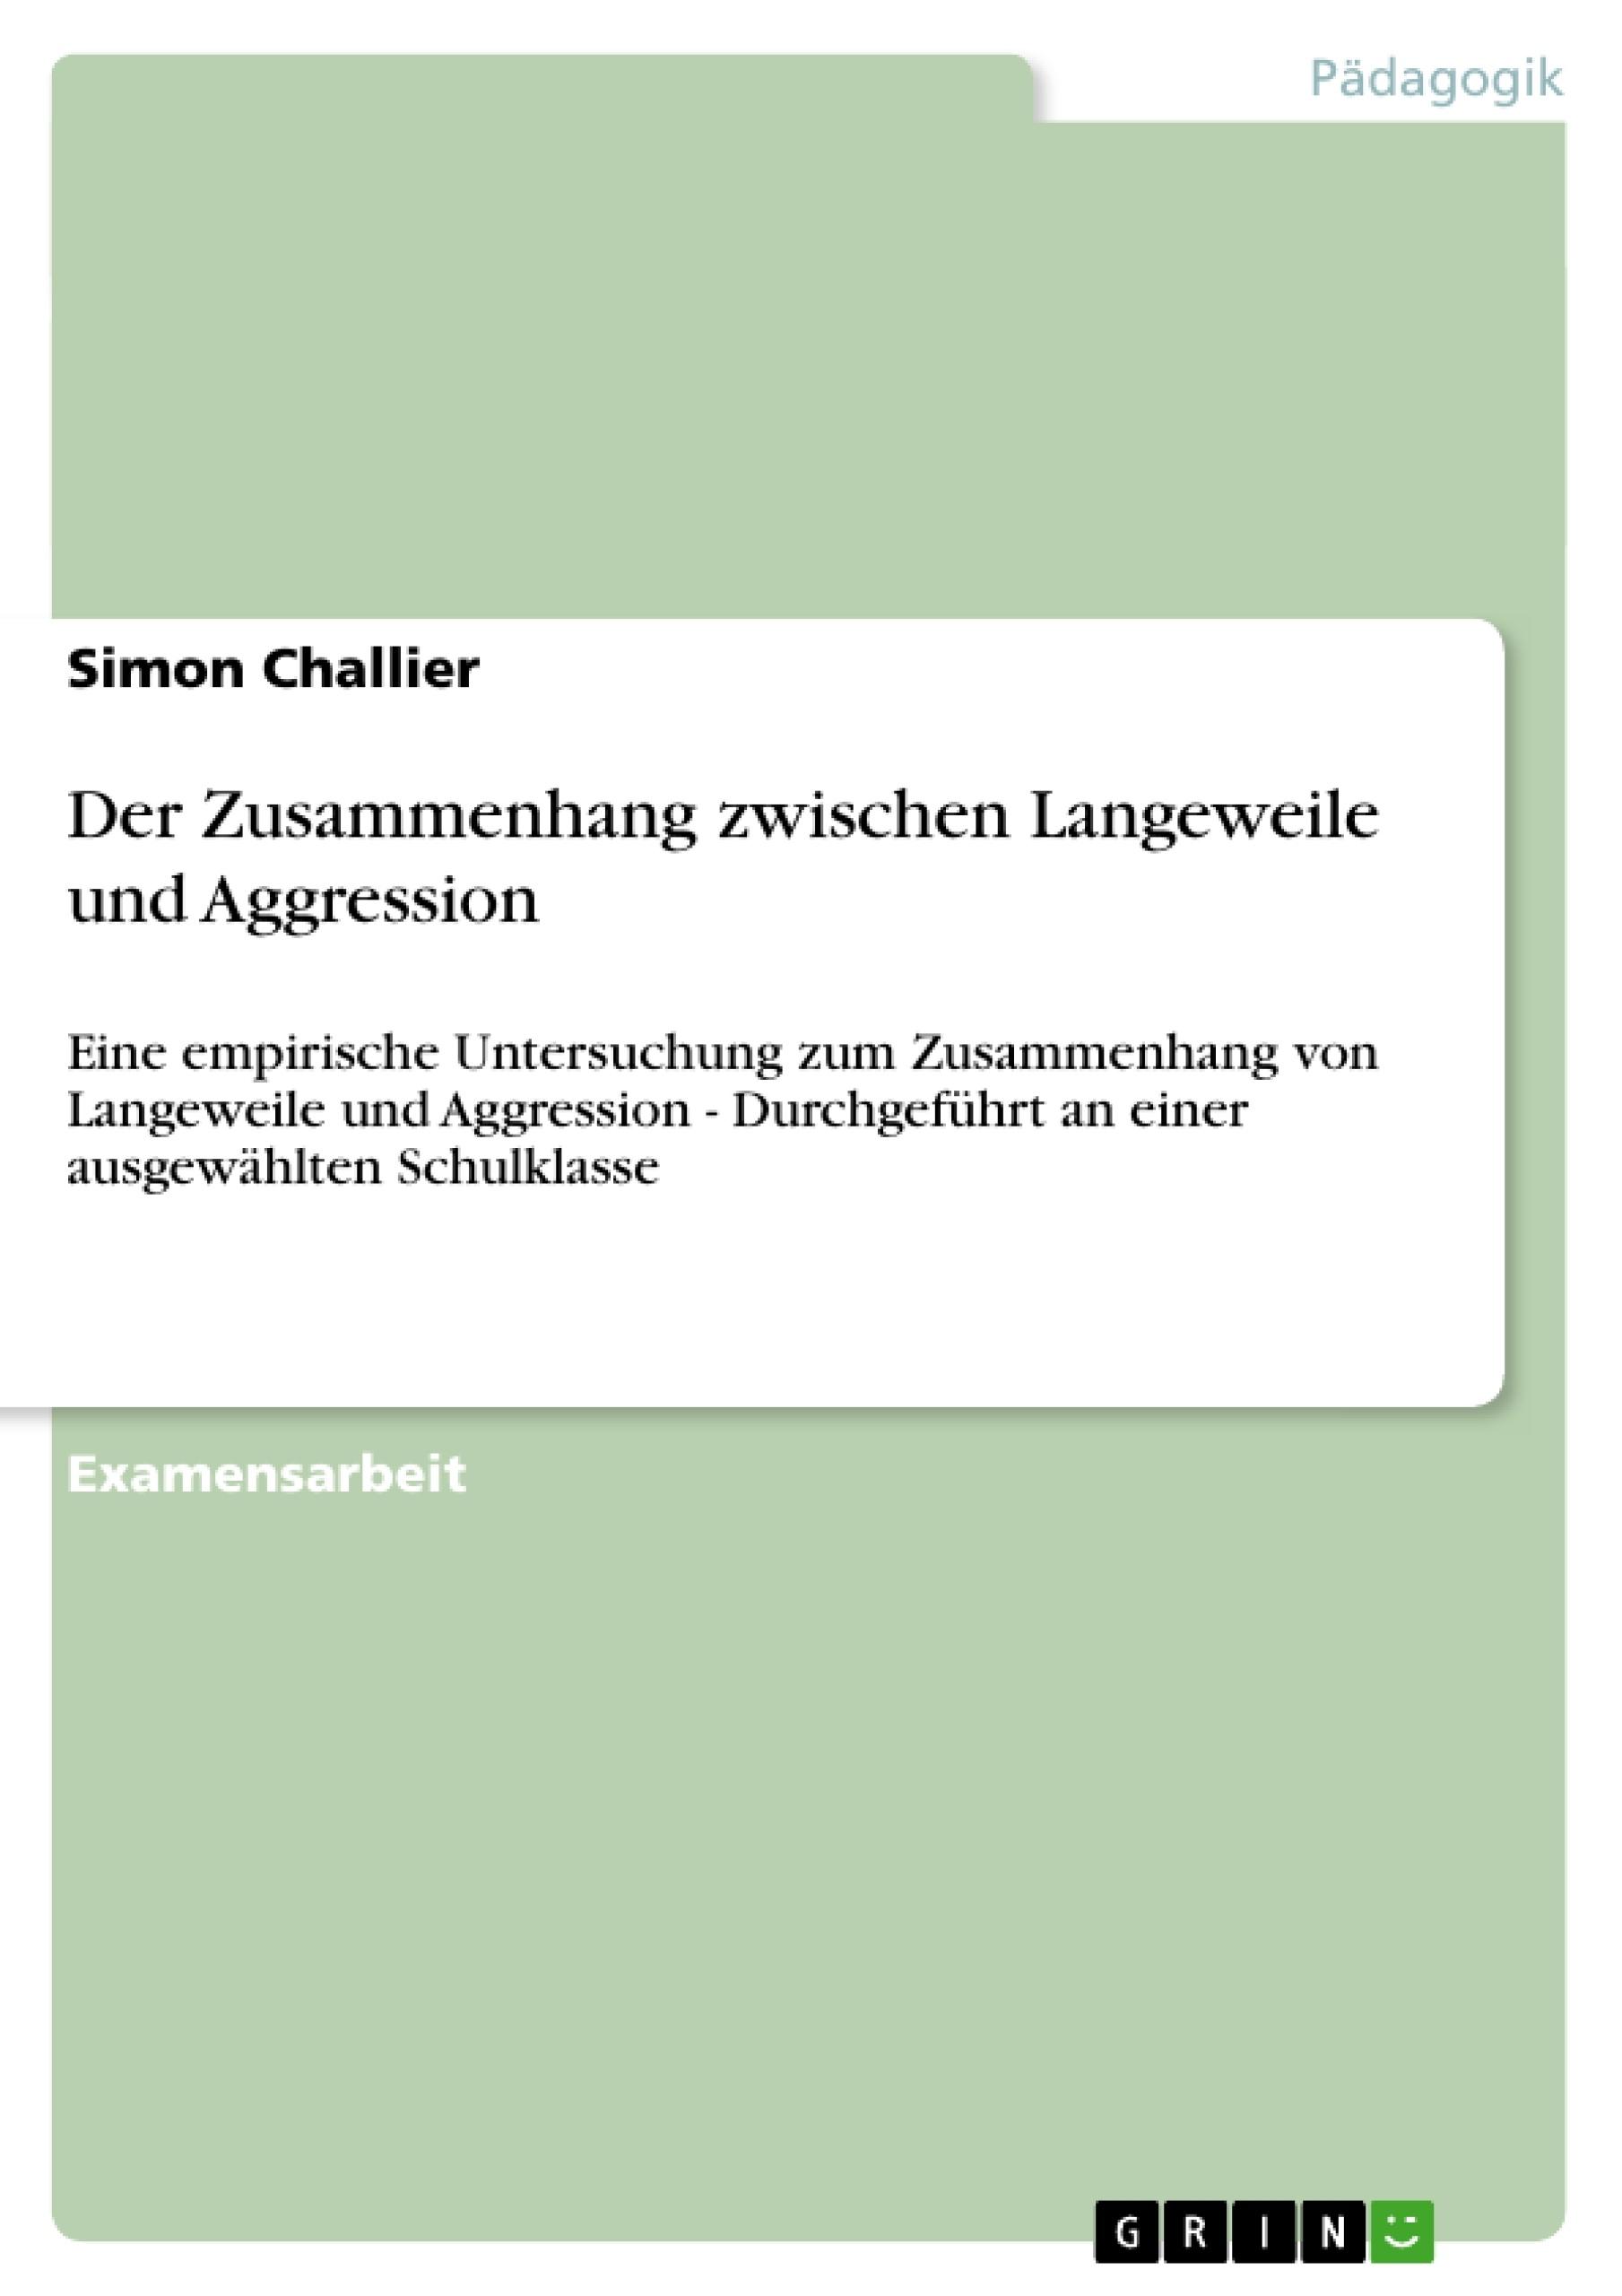 Der Zusammenhang zwischen Langeweile und Aggression | Masterarbeit ...